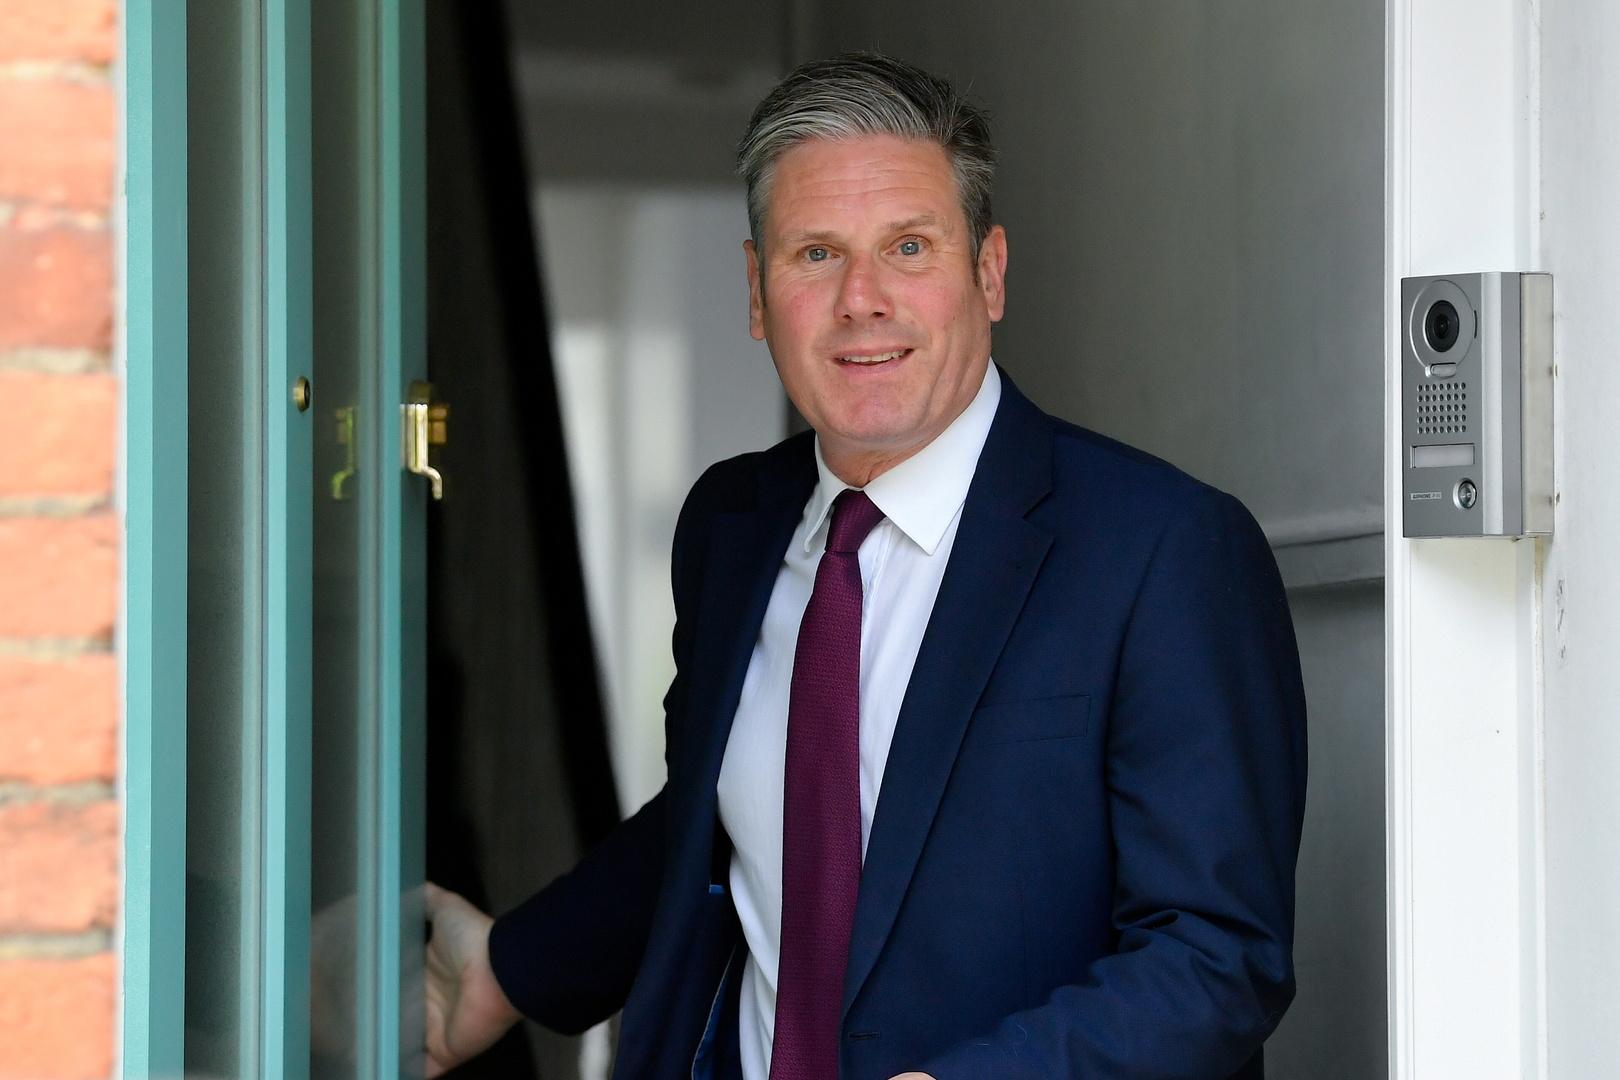 انتخابات بريطانيا الفرعية.. حزب العمال يتمكن من الحفاظ على أحد معاقله